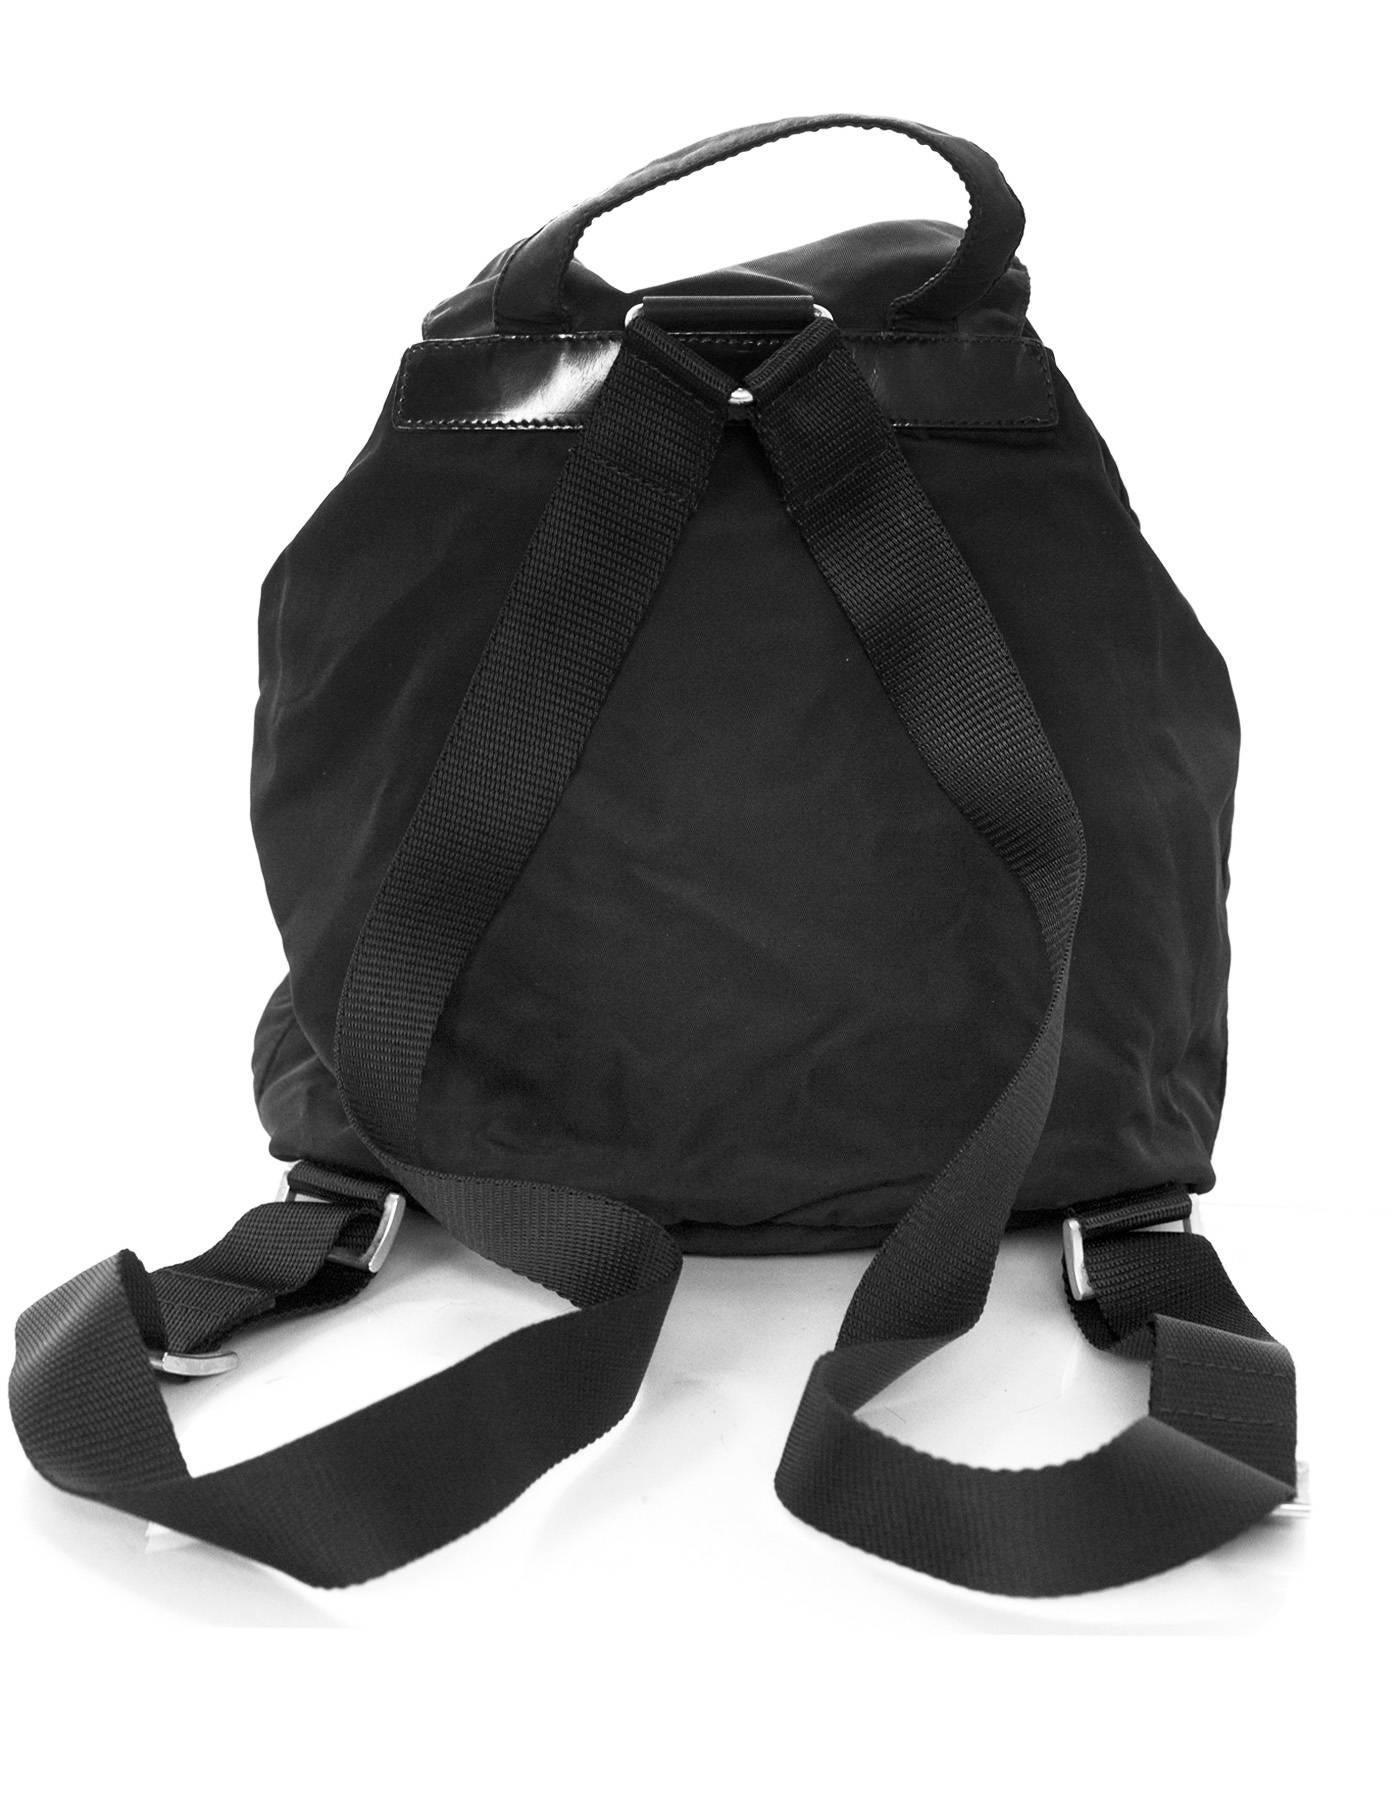 a42f68602f59 ... new style prada black tessuto nylon backpack bag at 1stdibs f5c58 08af1